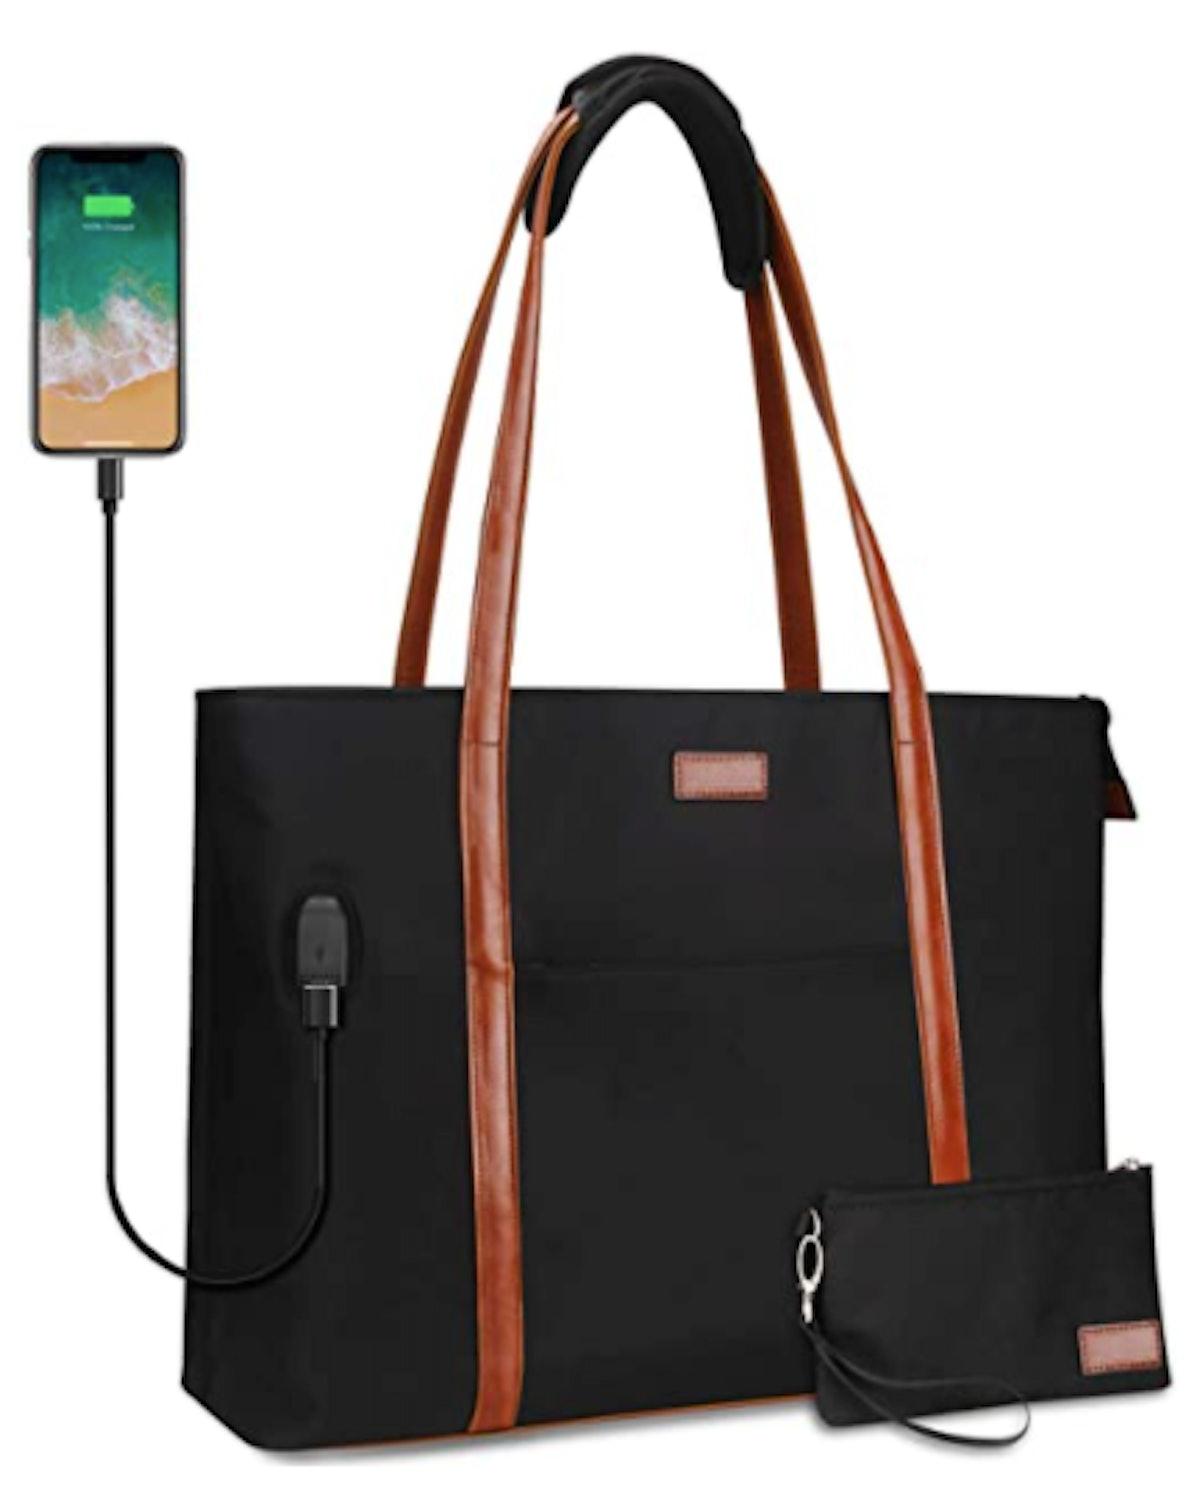 Relavel Tote Bag